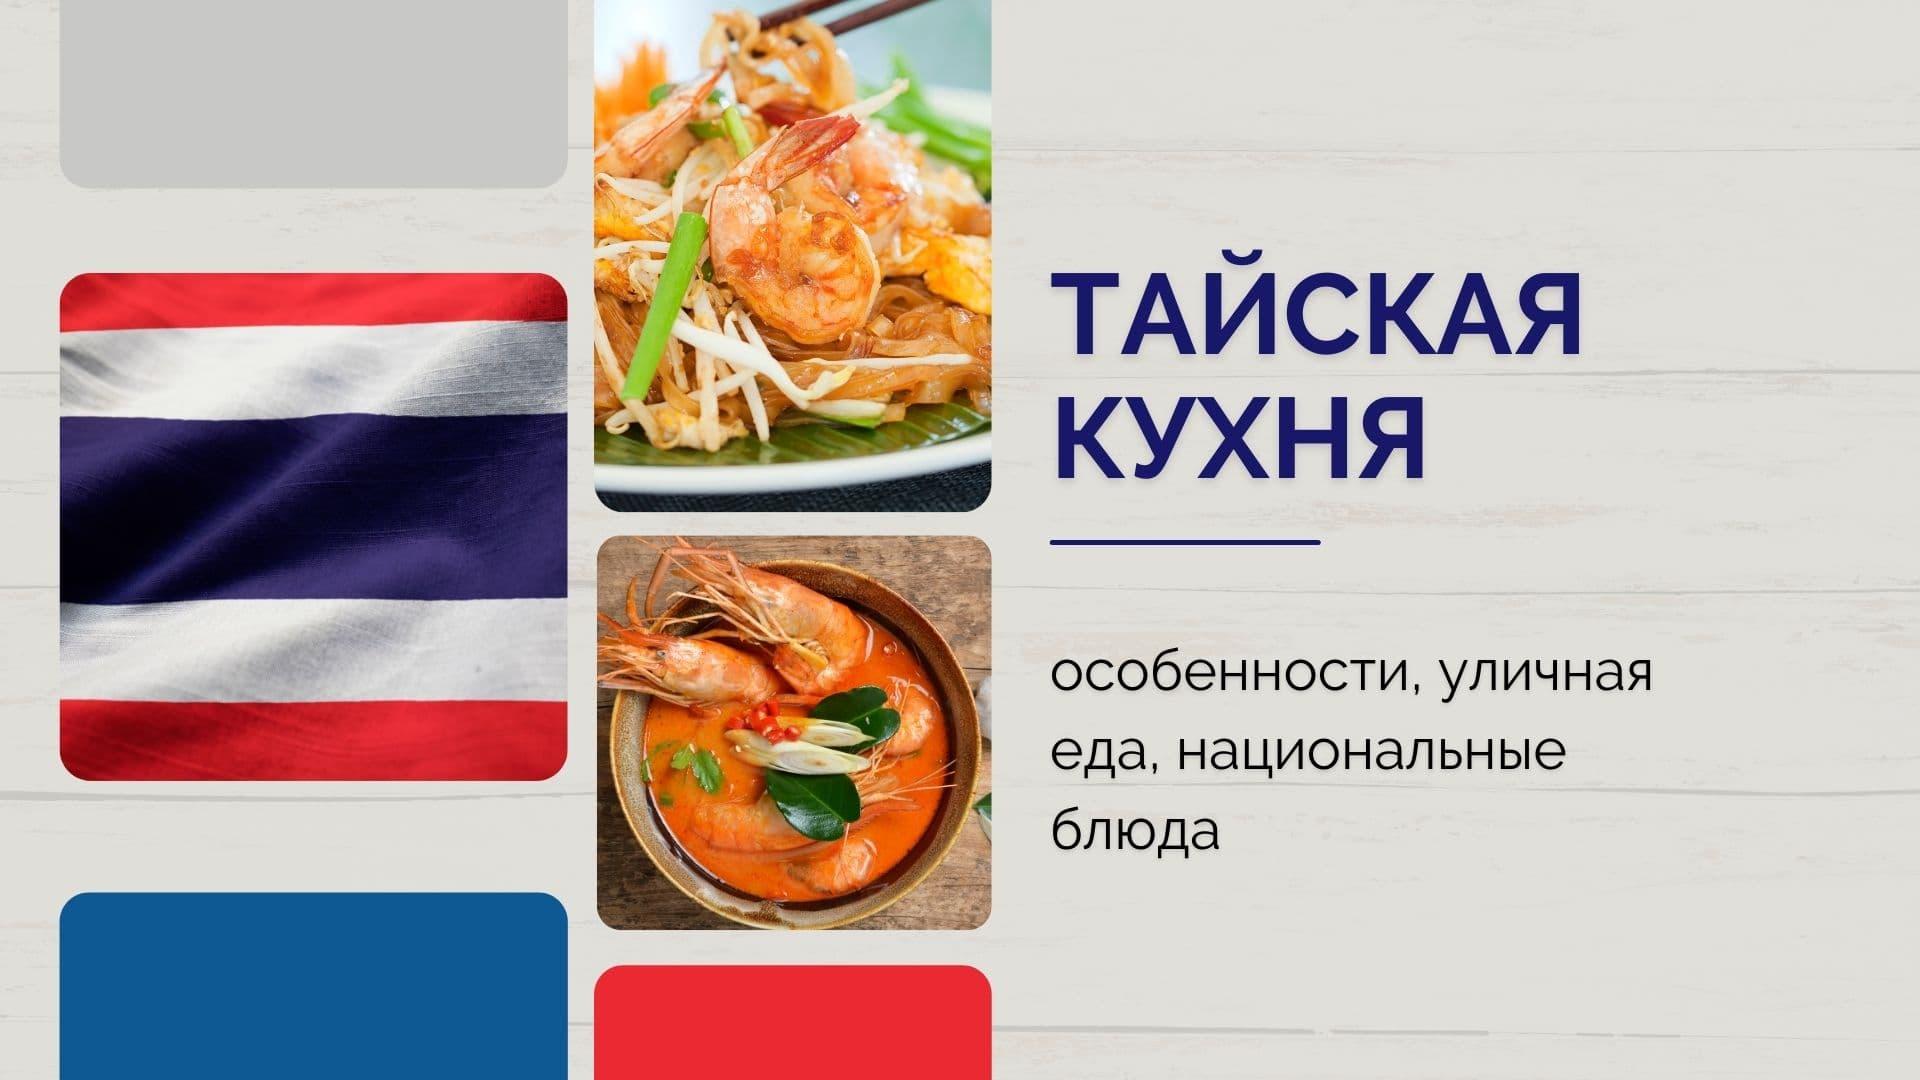 Тайская кухня: особенности, уличная еда, национальные блюда